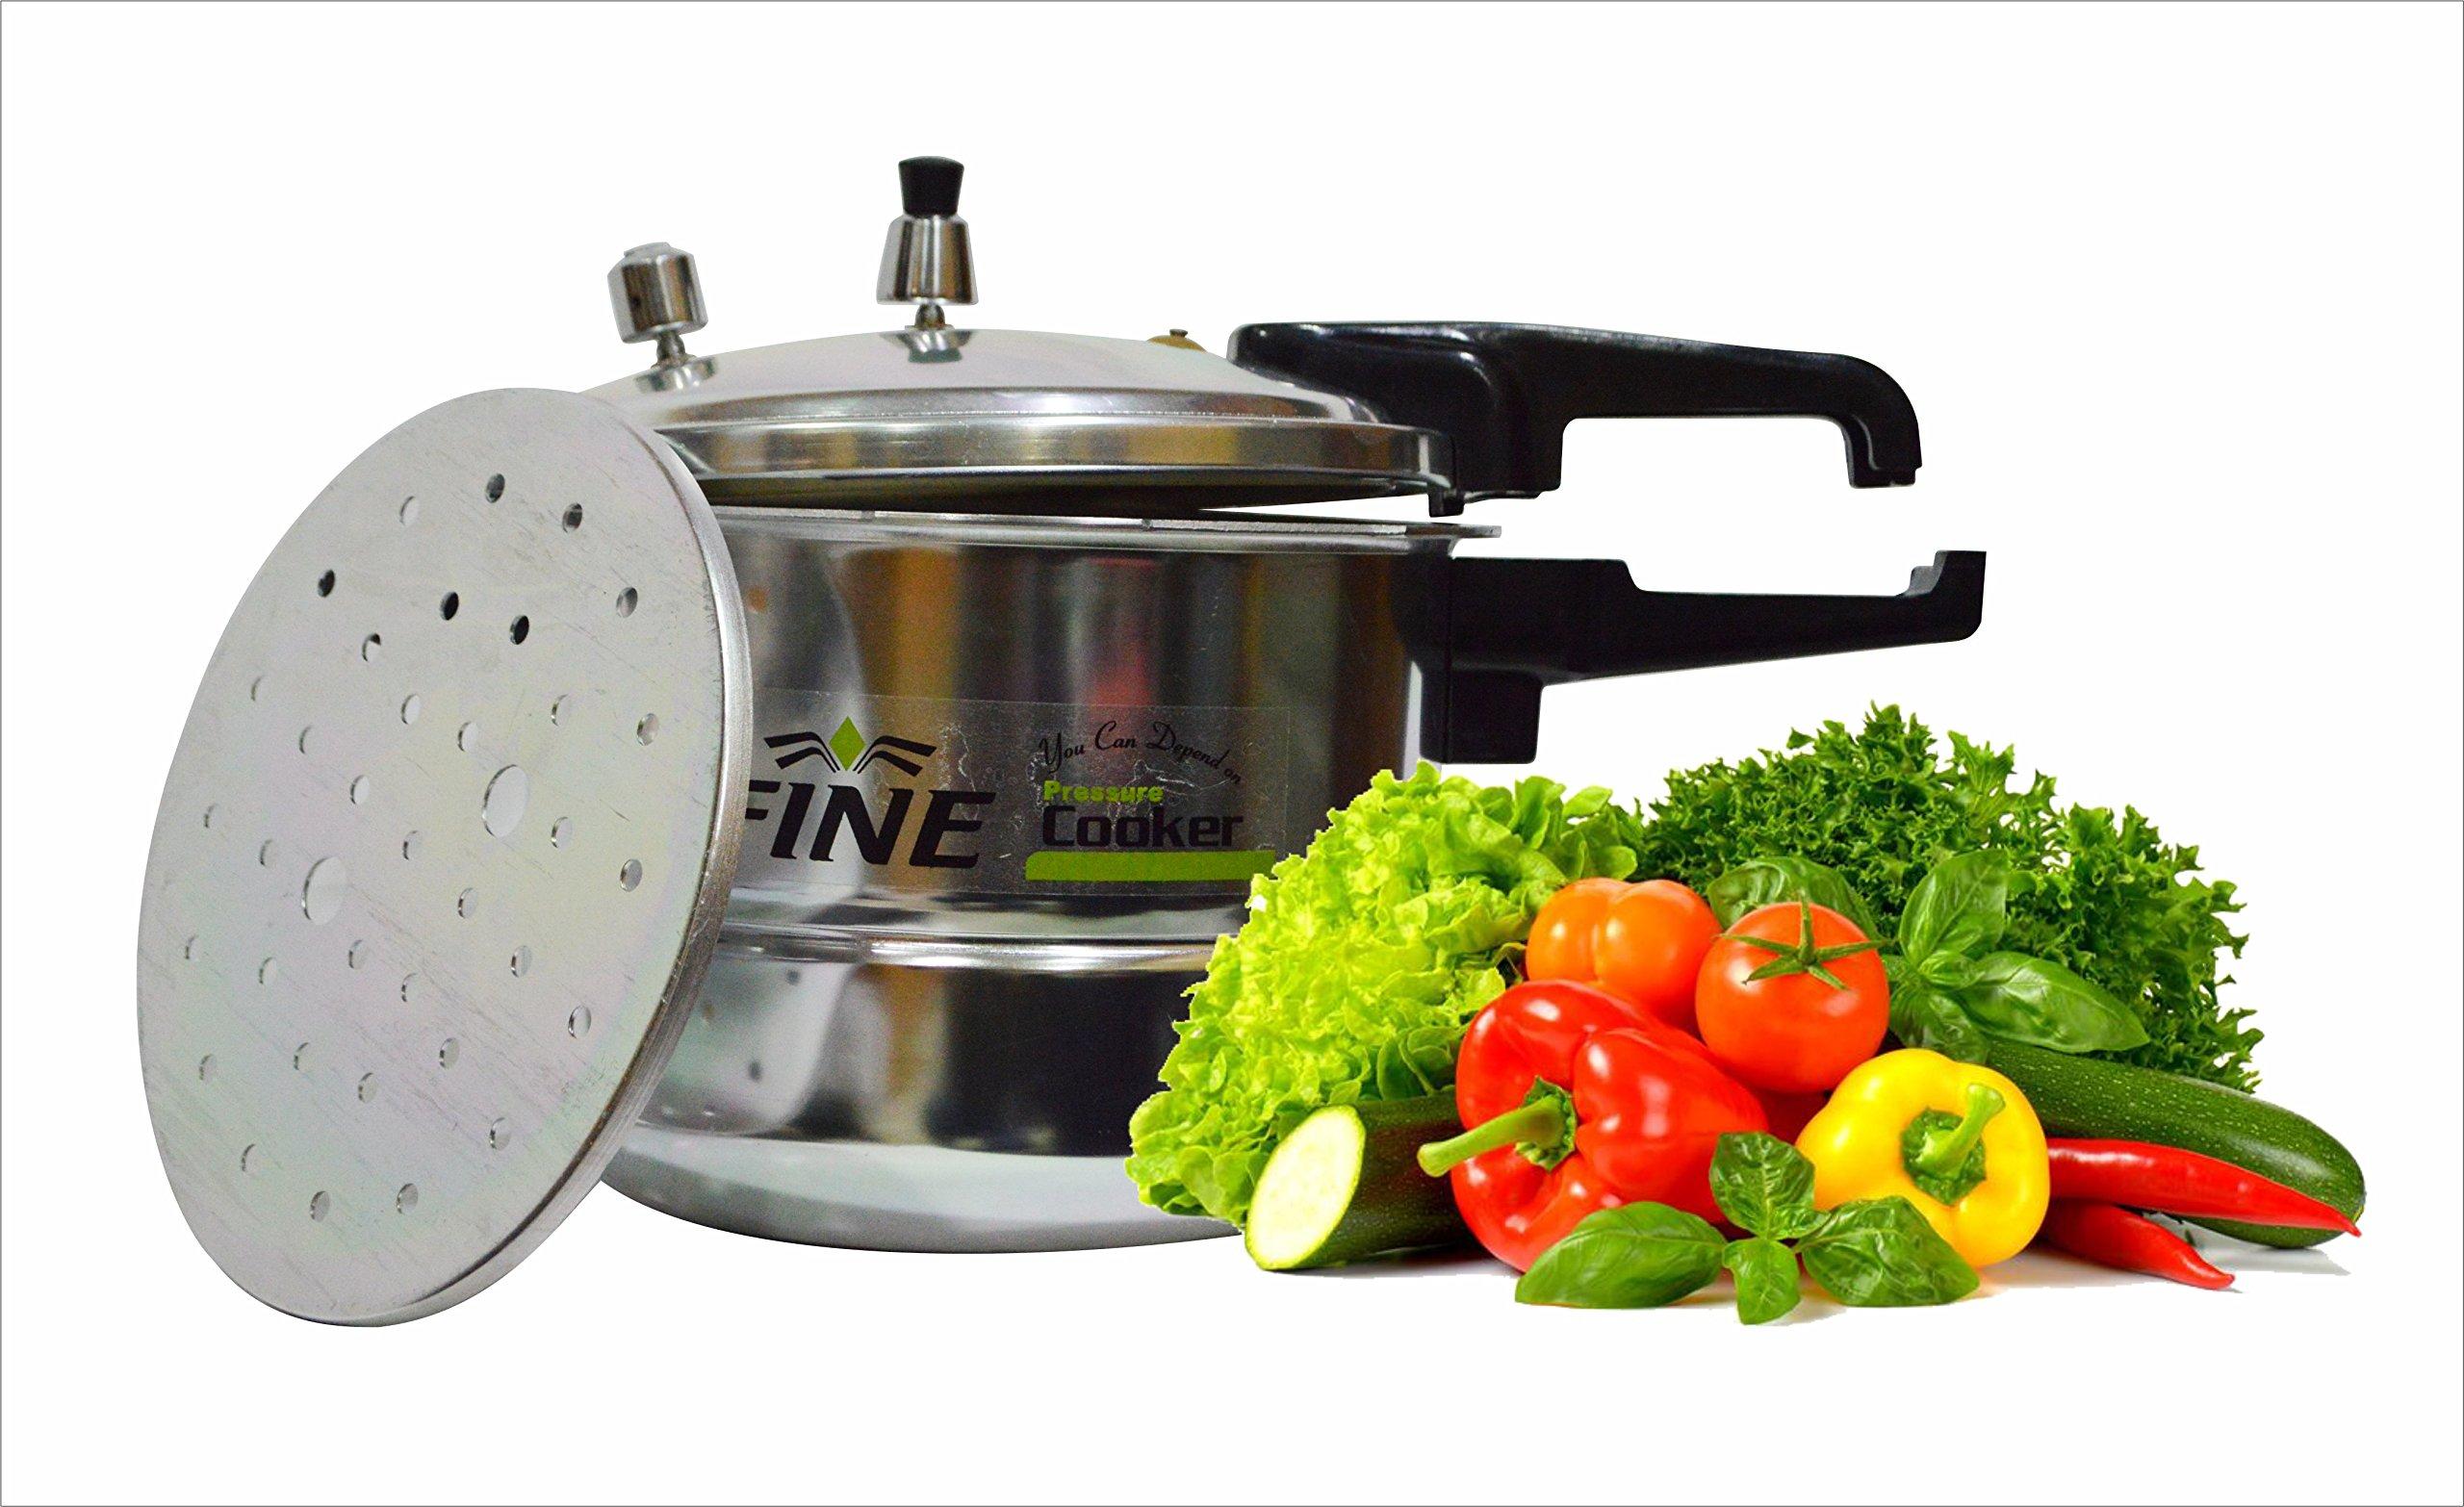 Fine Aluminum pressure cooker| Efficient food Cooking| Dishwasher safe Pressure Cooker Steamer Rack cooker Long Lasting addition to kitchen utensils Easy Handling-Pressure cooker